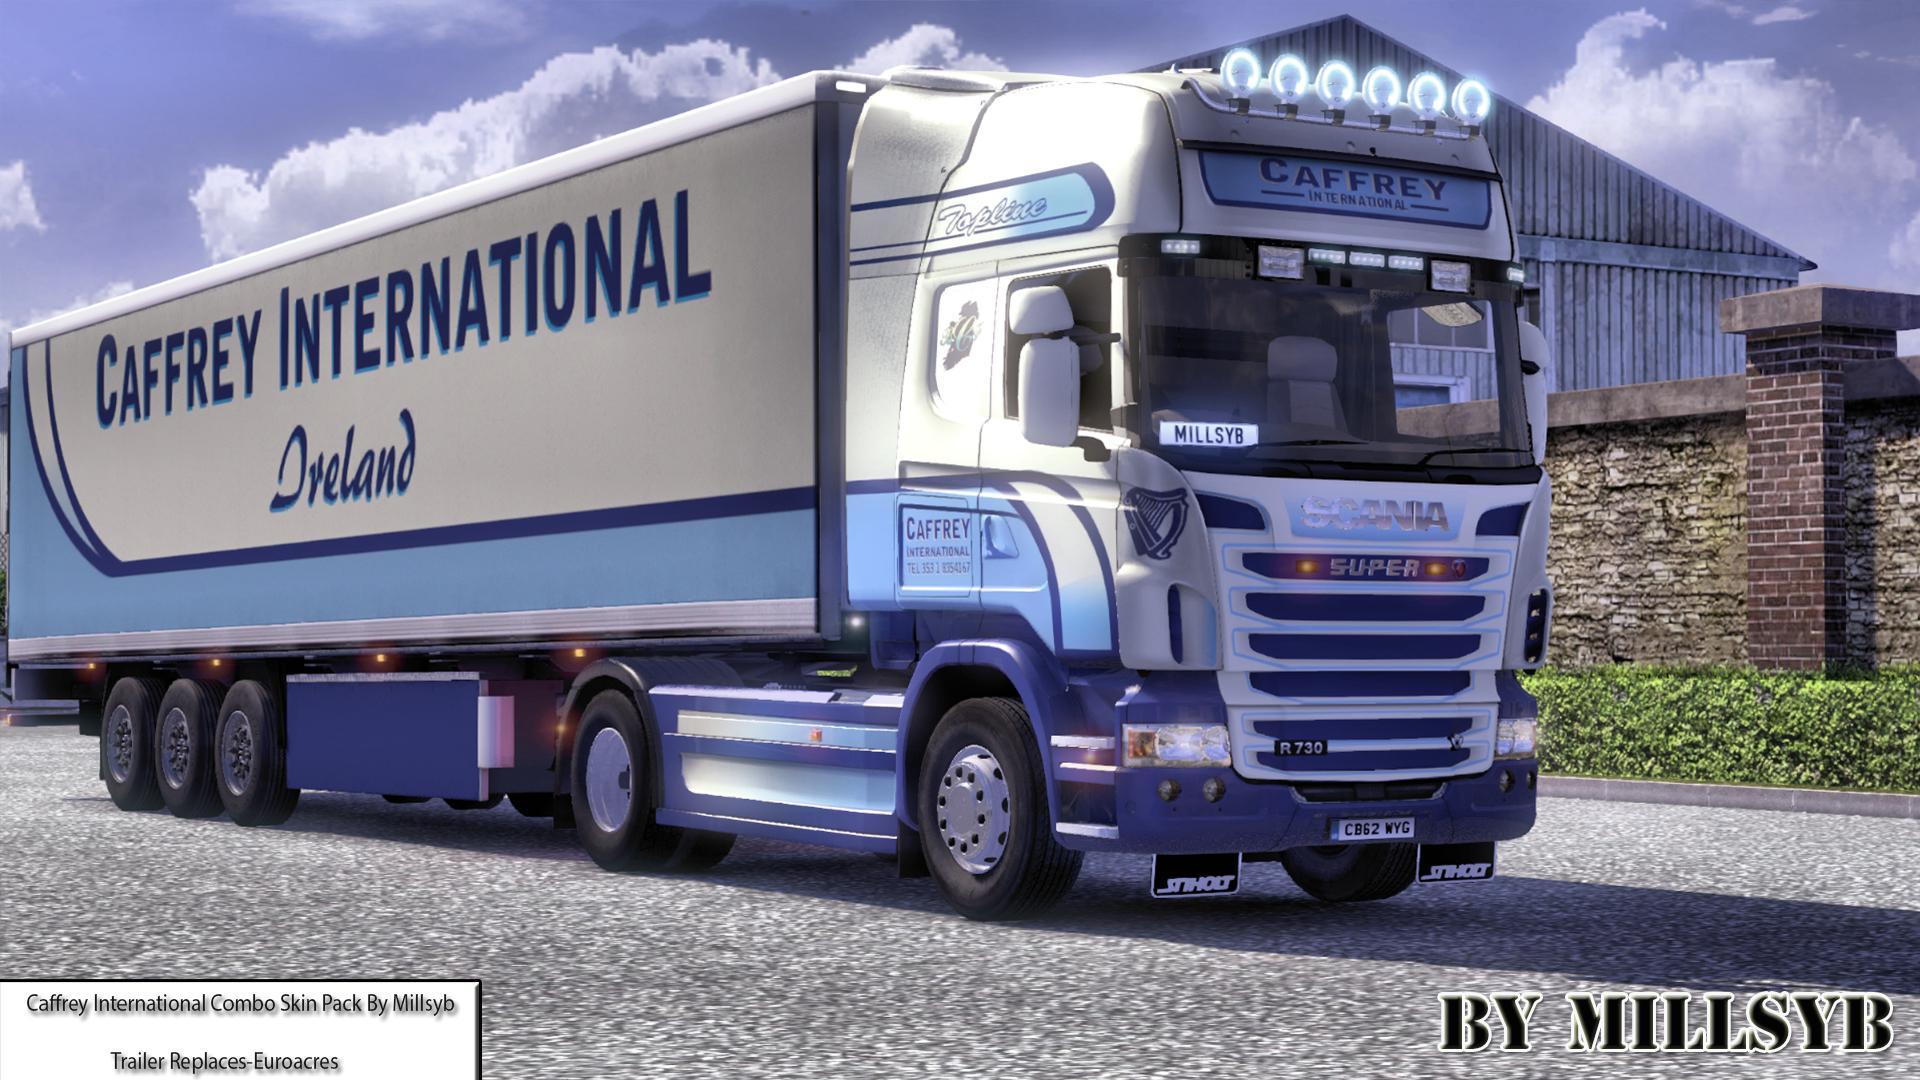 caffrey-international-skin-pack-ets2